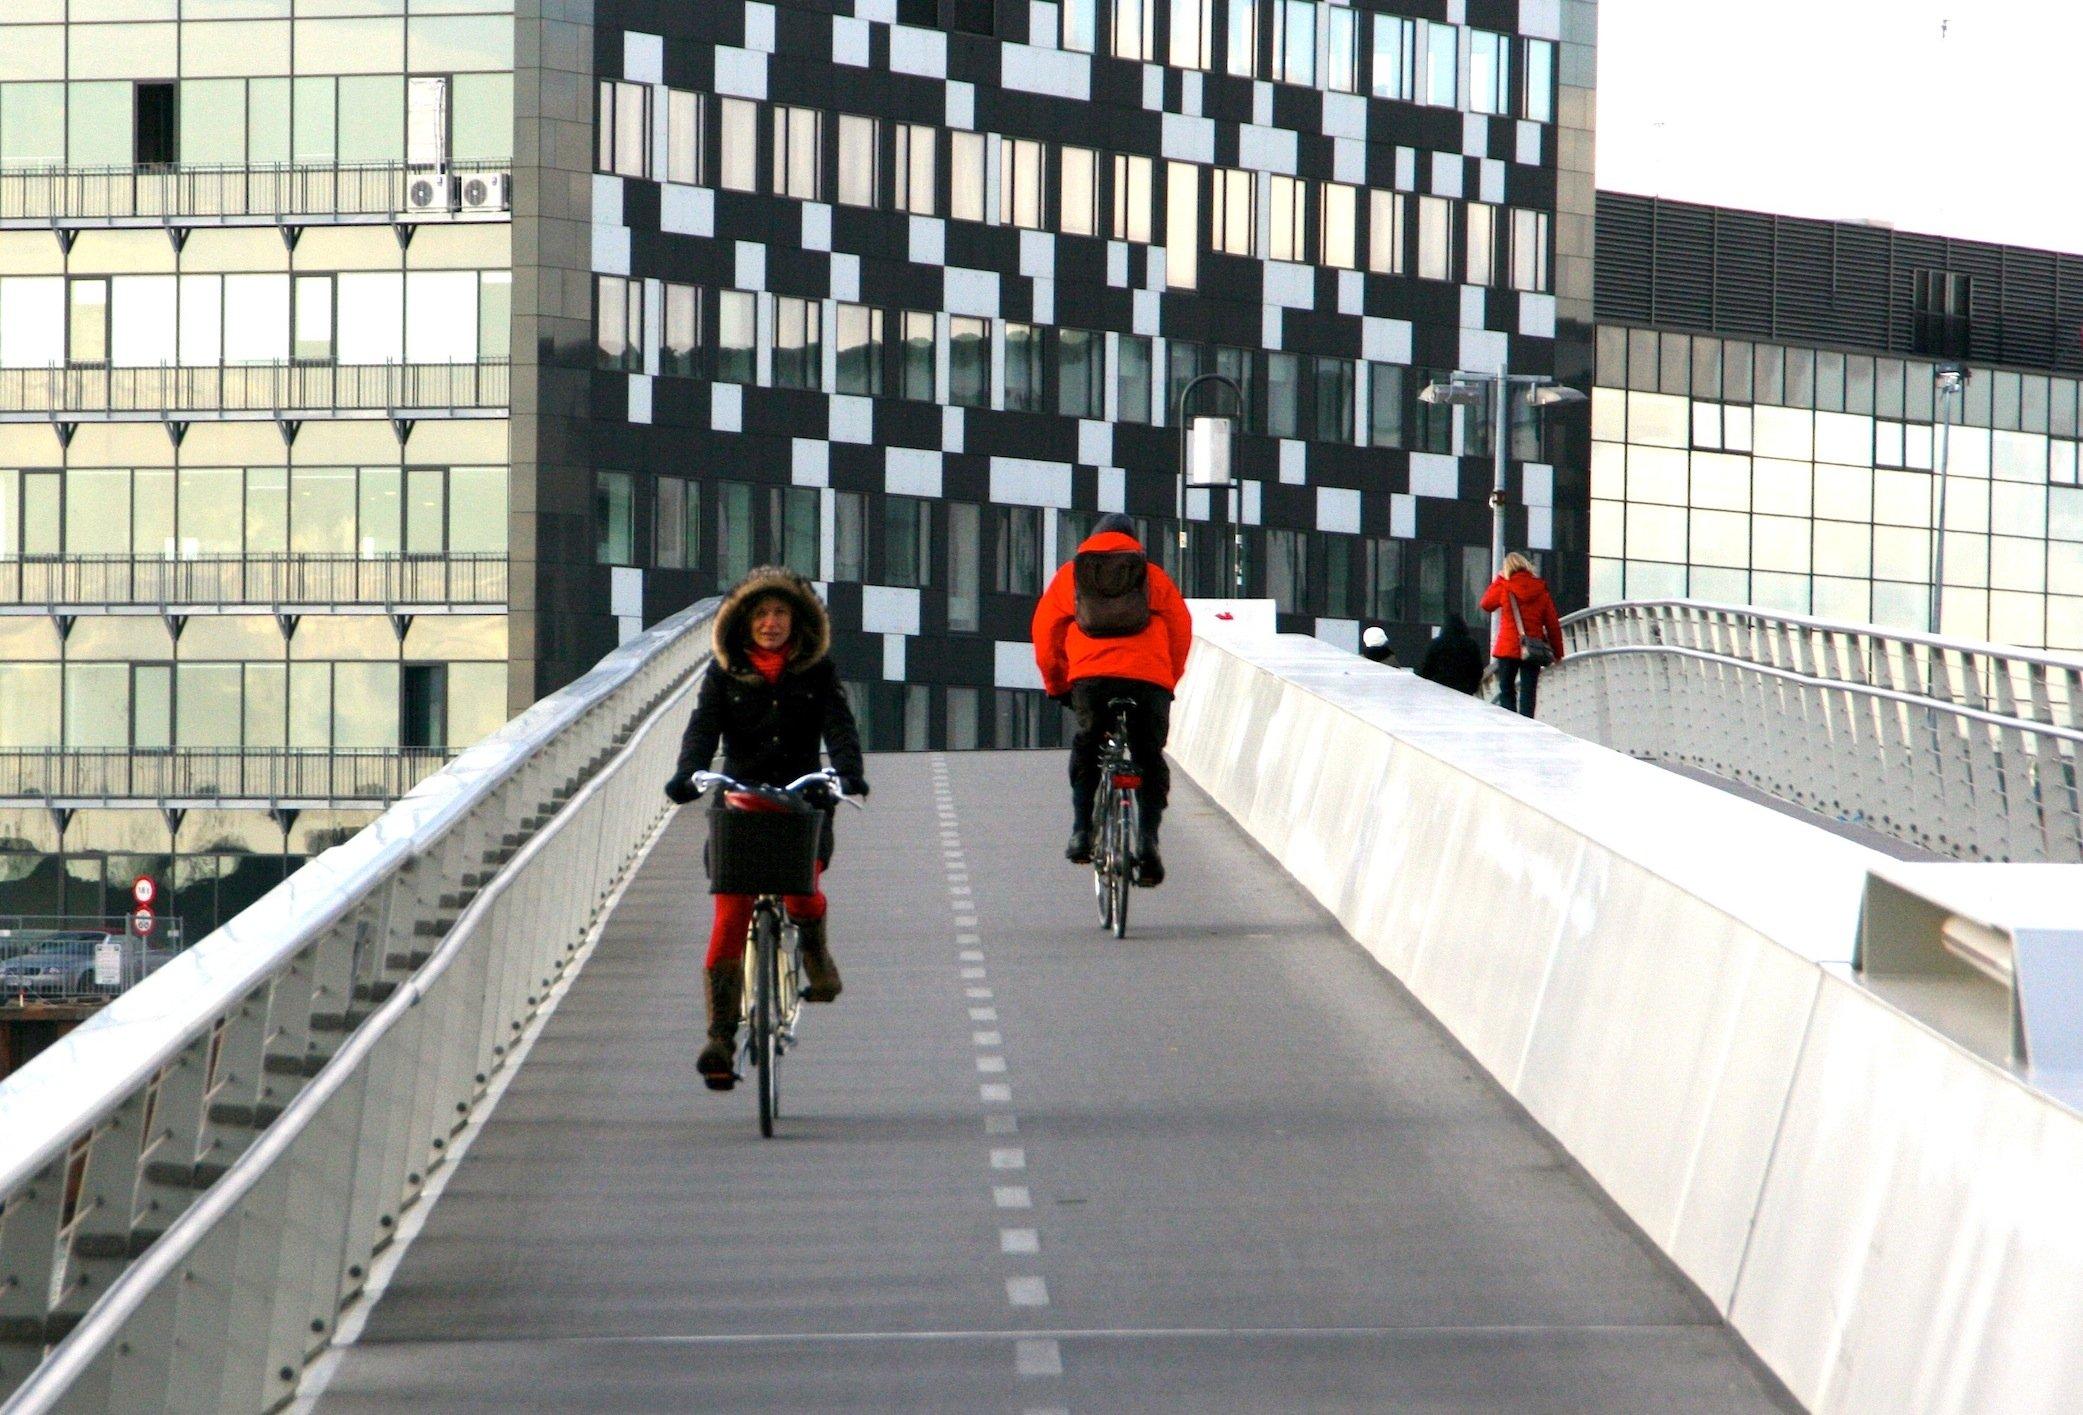 Kopenhagen will die Pendler aufs Rad bekommen und plant deshalb Radschnellwege zwischen den Vororten und der Innenstadt. Hier im Bild eine Fahrradbrücke im Zentrum.